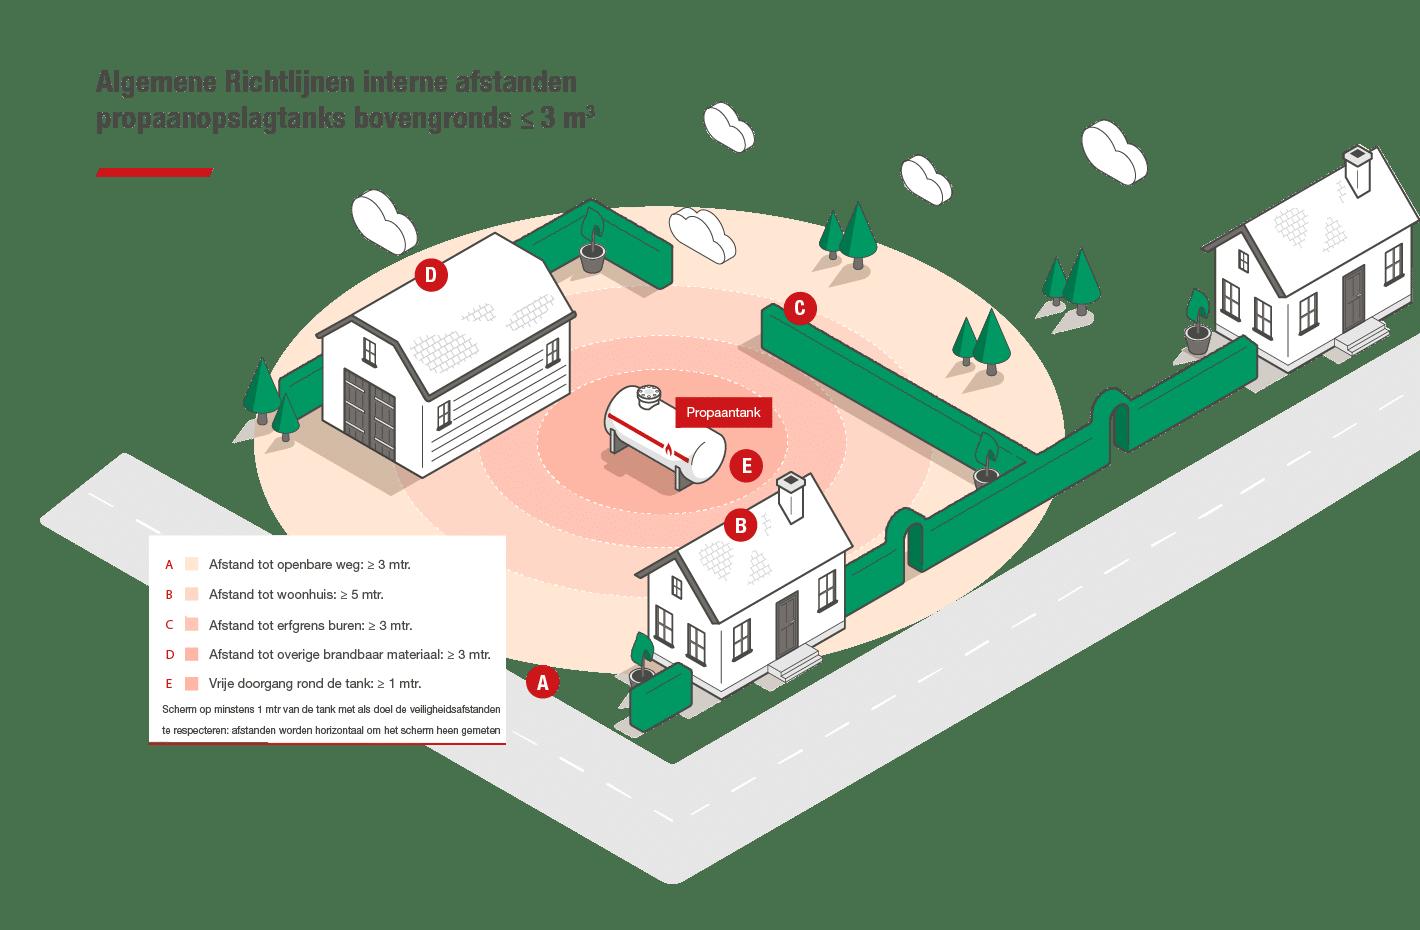 Richtlijnen afstanden Vlaanderen